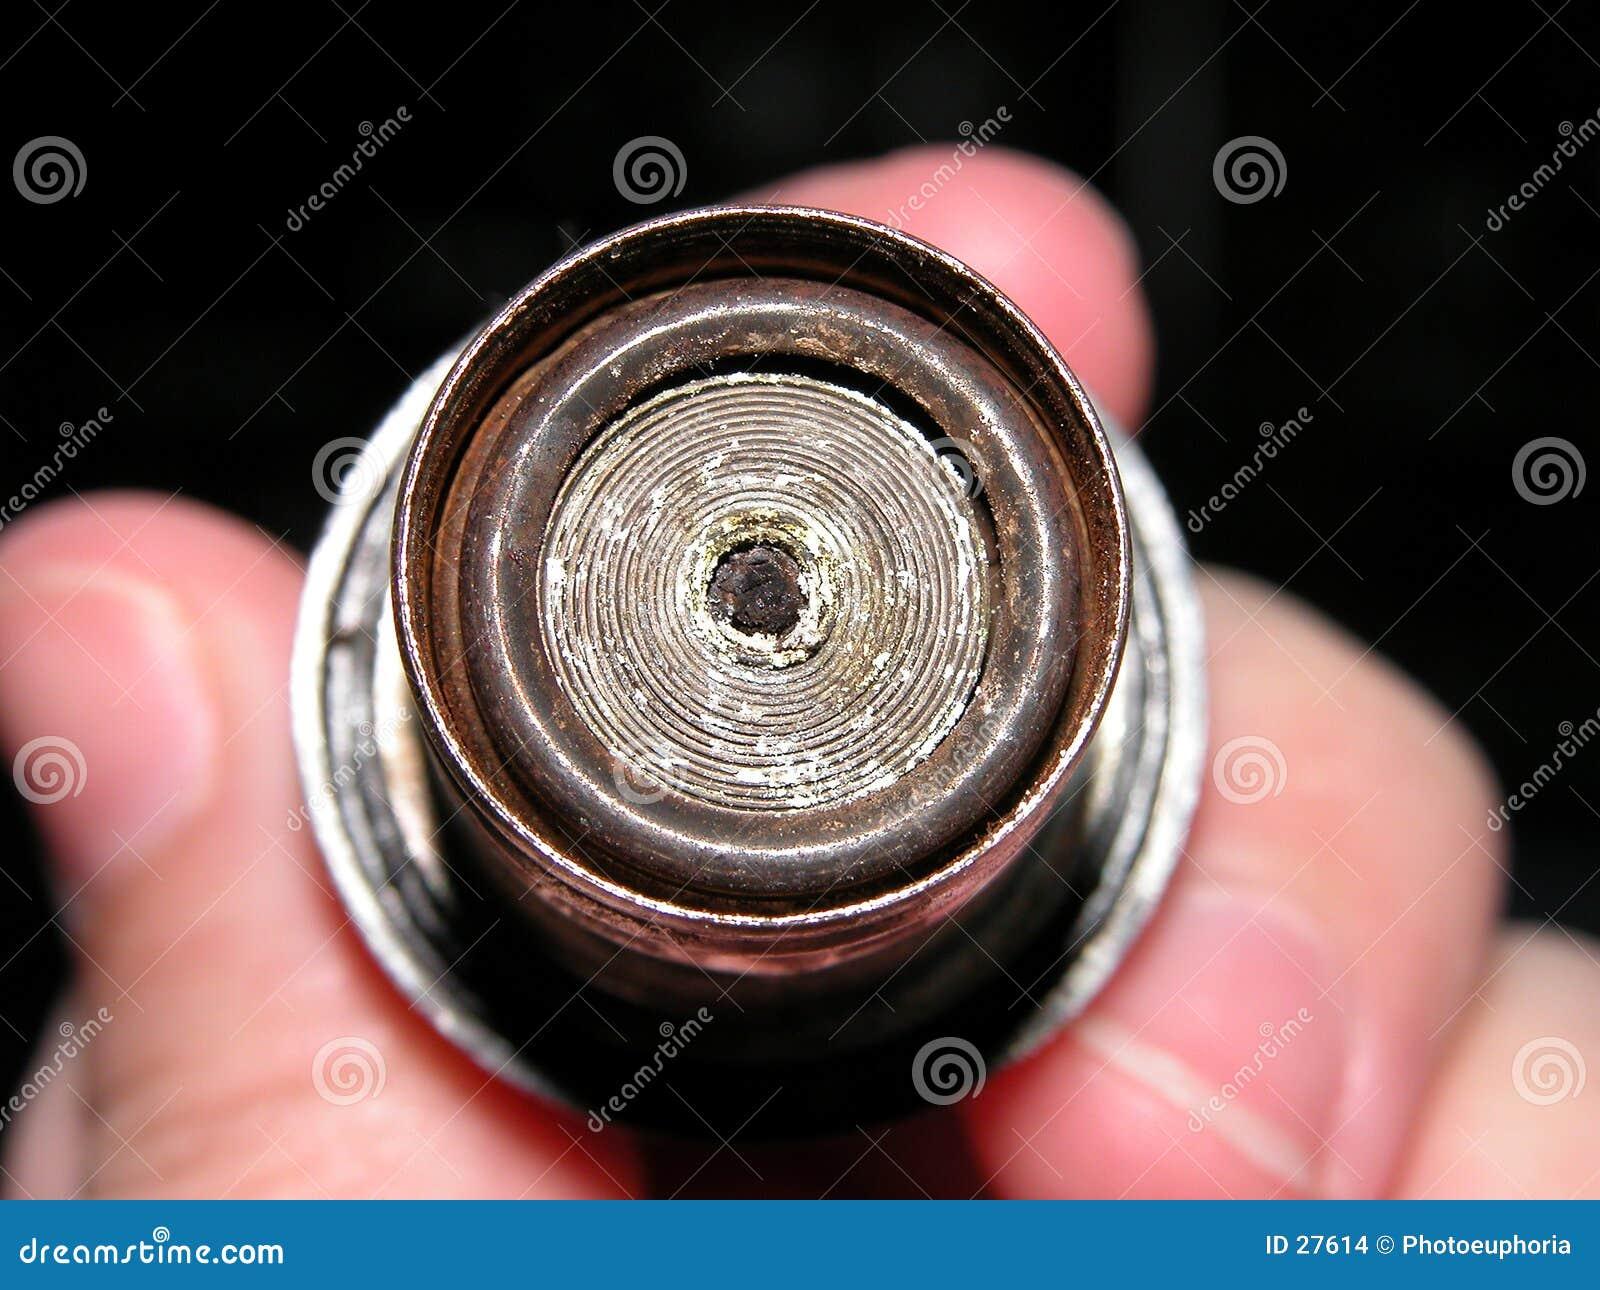 Car Cigarette Lighter